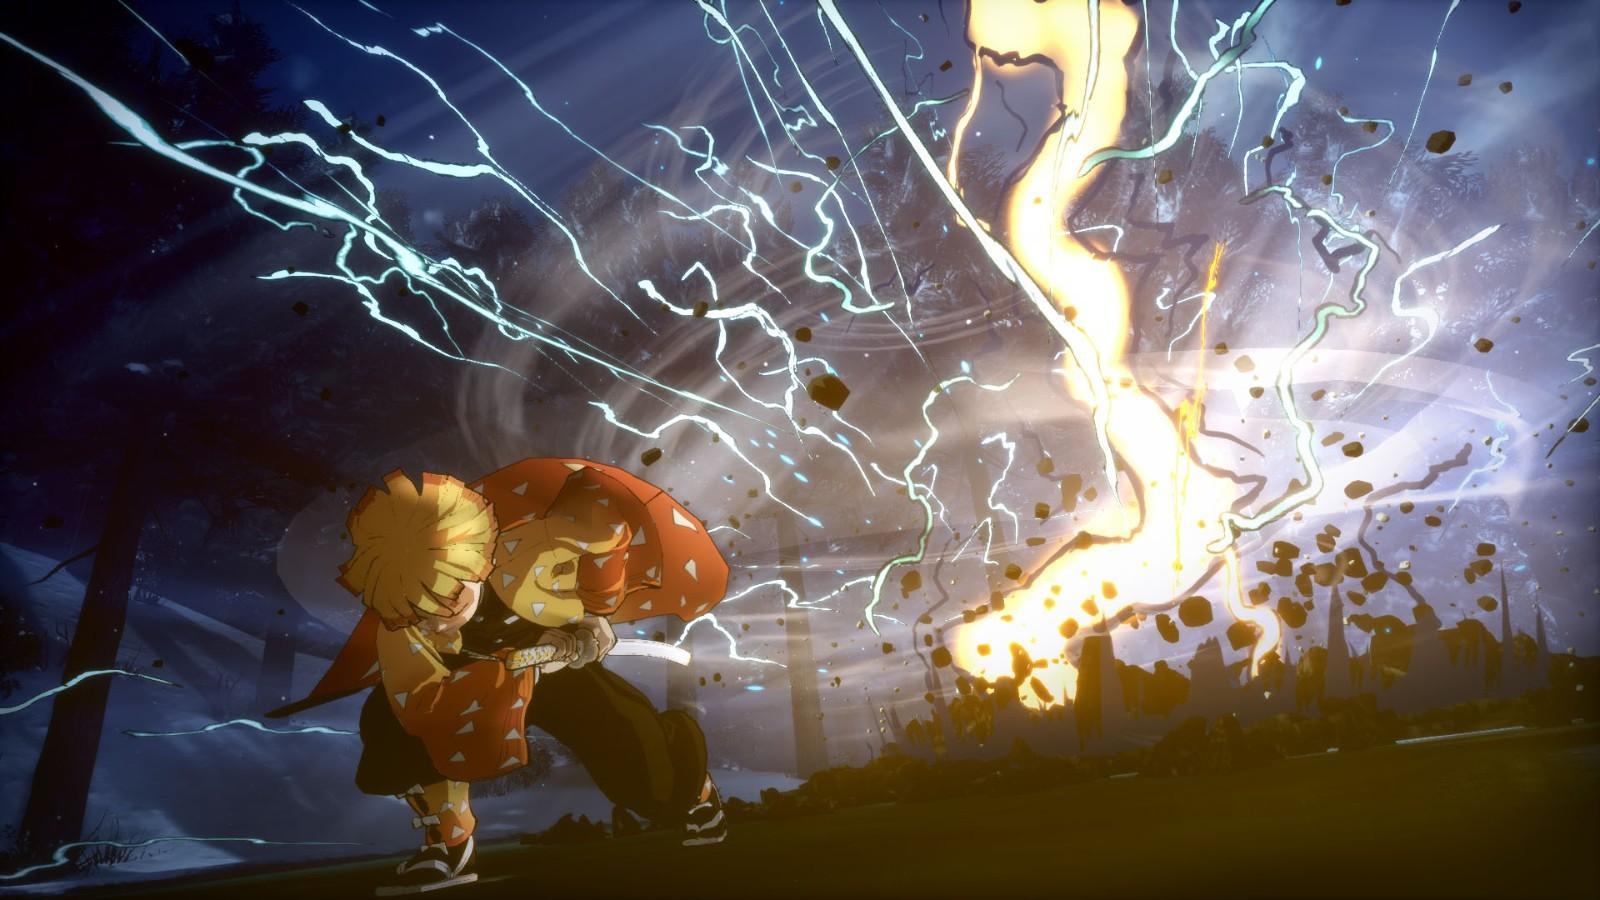 鬼灭之刃:火之神血风谭图片